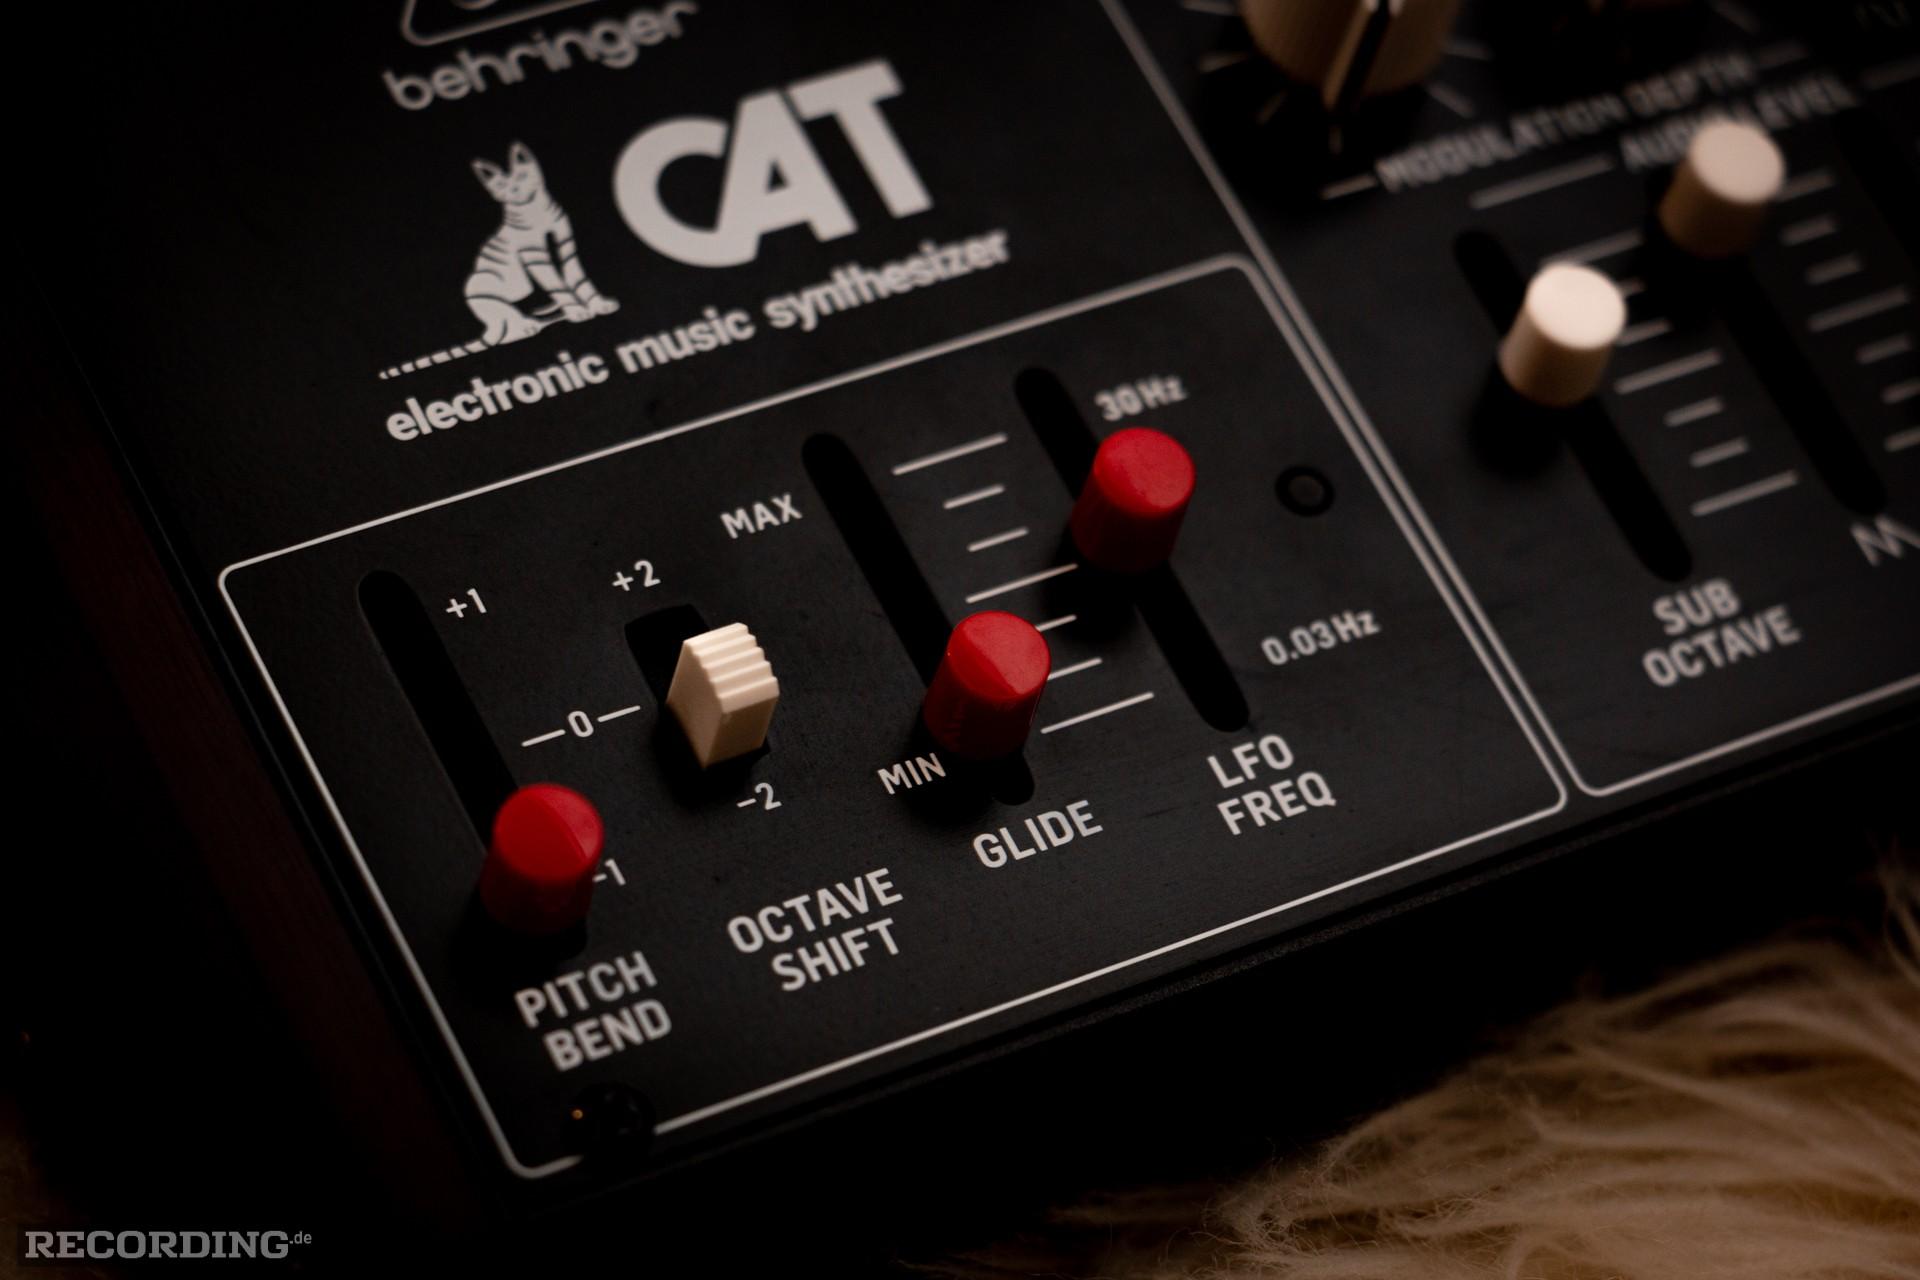 Behringer-The_Cat-19.jpg